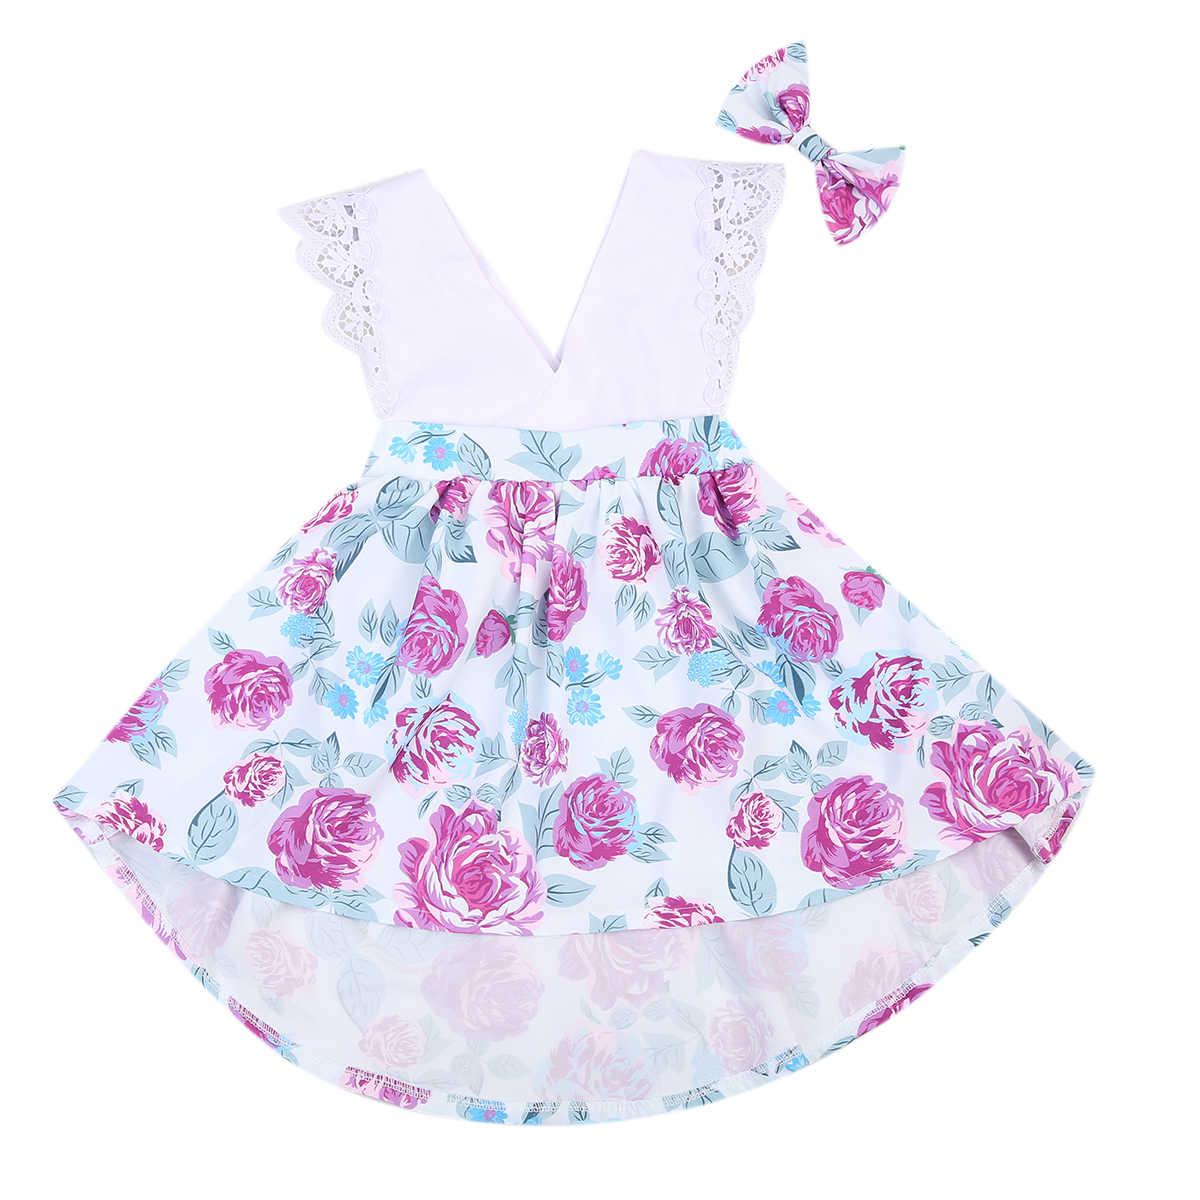 Одинаковая одежда для маленьких девочек и подростков модное платье для вечеринки, комбинезон, футболка, платье